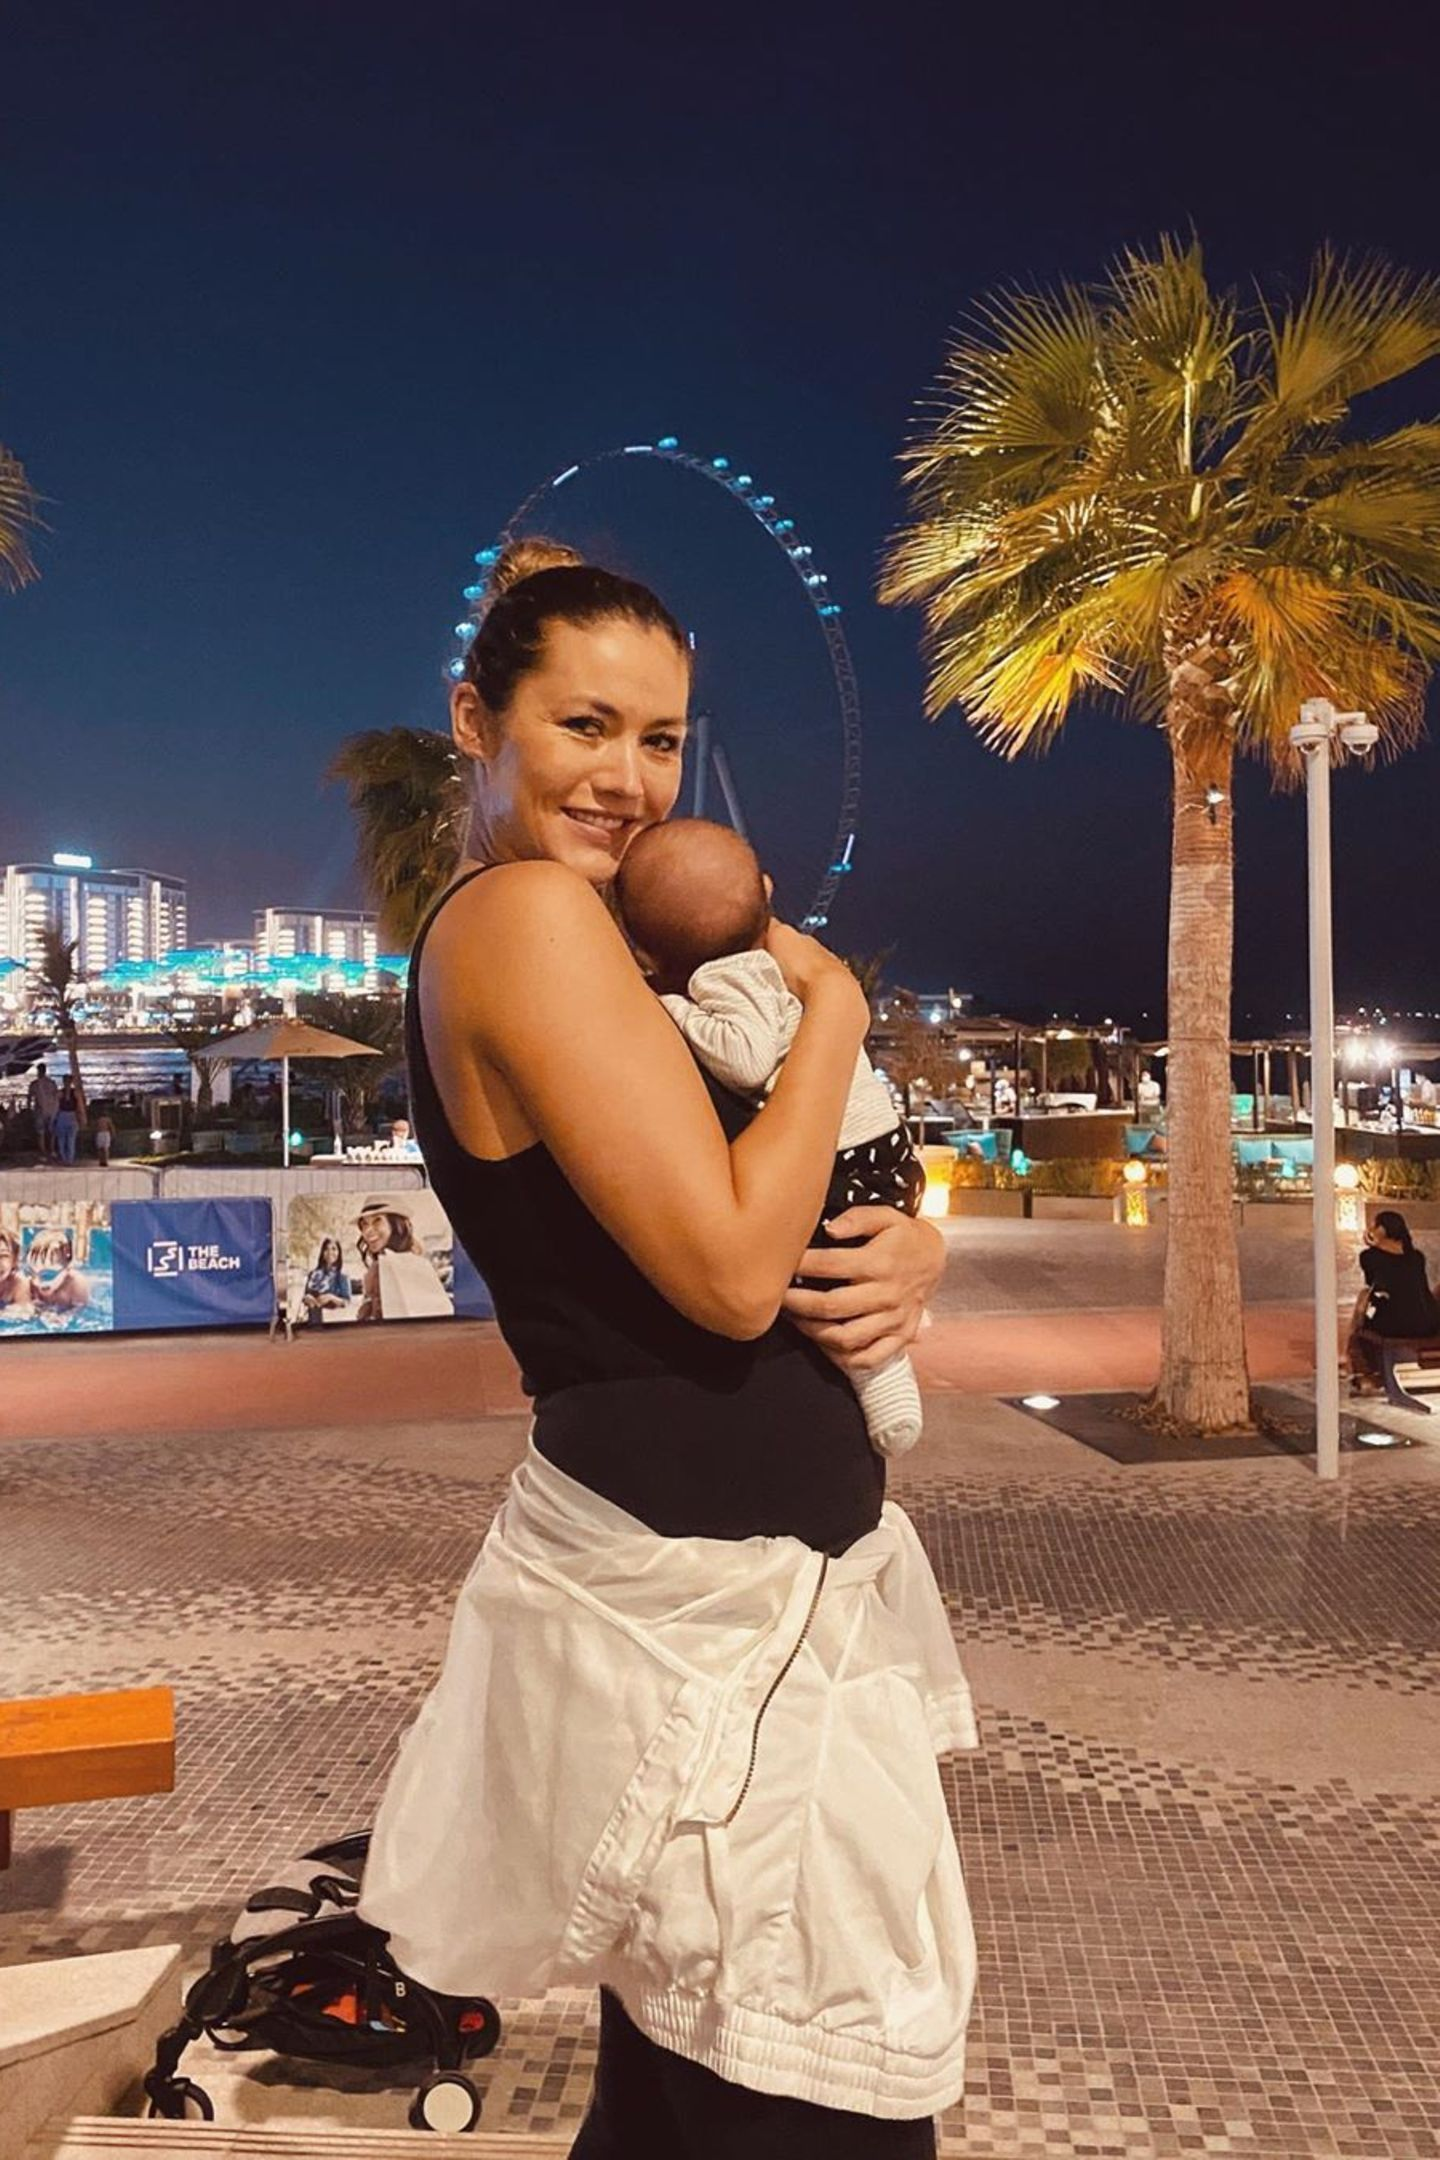 25. September 2020  Auch sie ist gekommen, um zu bleiben: Für Fiona Erdmann bedeutet Dubai nicht nur neues Lebensglück, sie wurde hier auch mit dem wohl schönsten Geschenk überhaupt beglückt - ihrem Sohn.